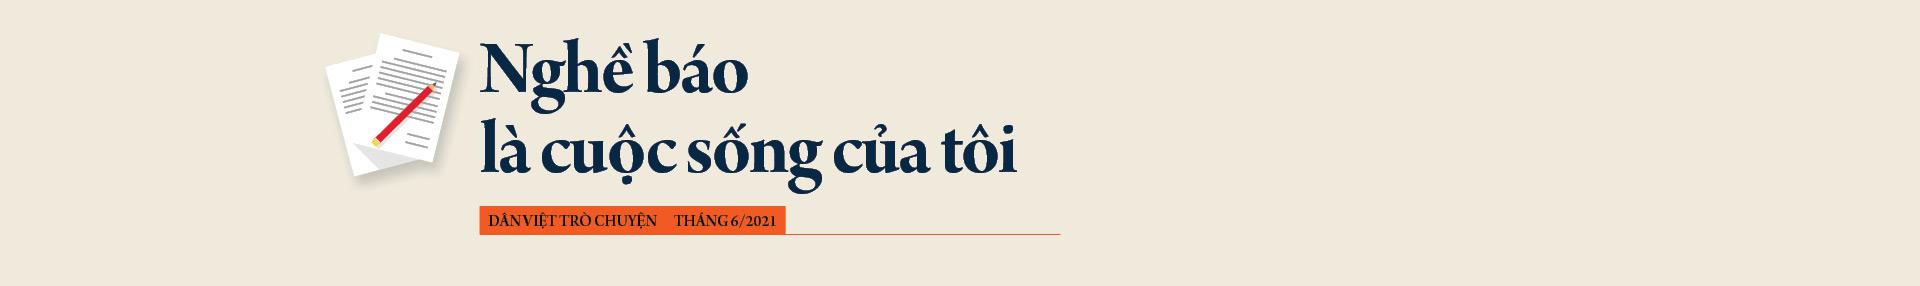 Nhà báo Hồ Quang Lợi: Dù công nghệ thay đổi ra sao, mấu chốt nghề báo vẫn là vì công lý và sự thật - Ảnh 3.